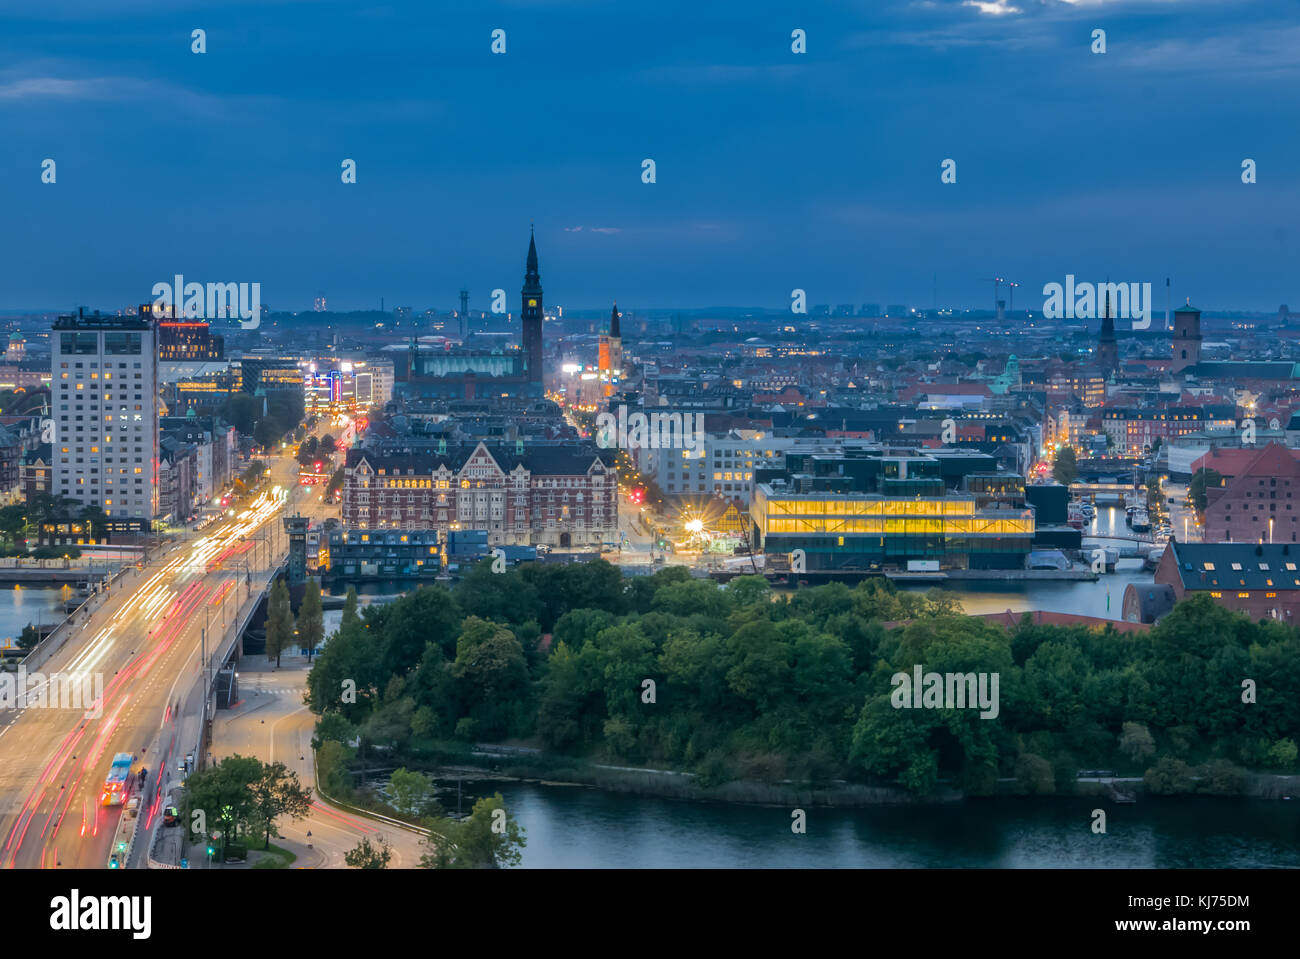 Cityskape di Copenaghen e la sua strada principale con il traffico Immagini Stock